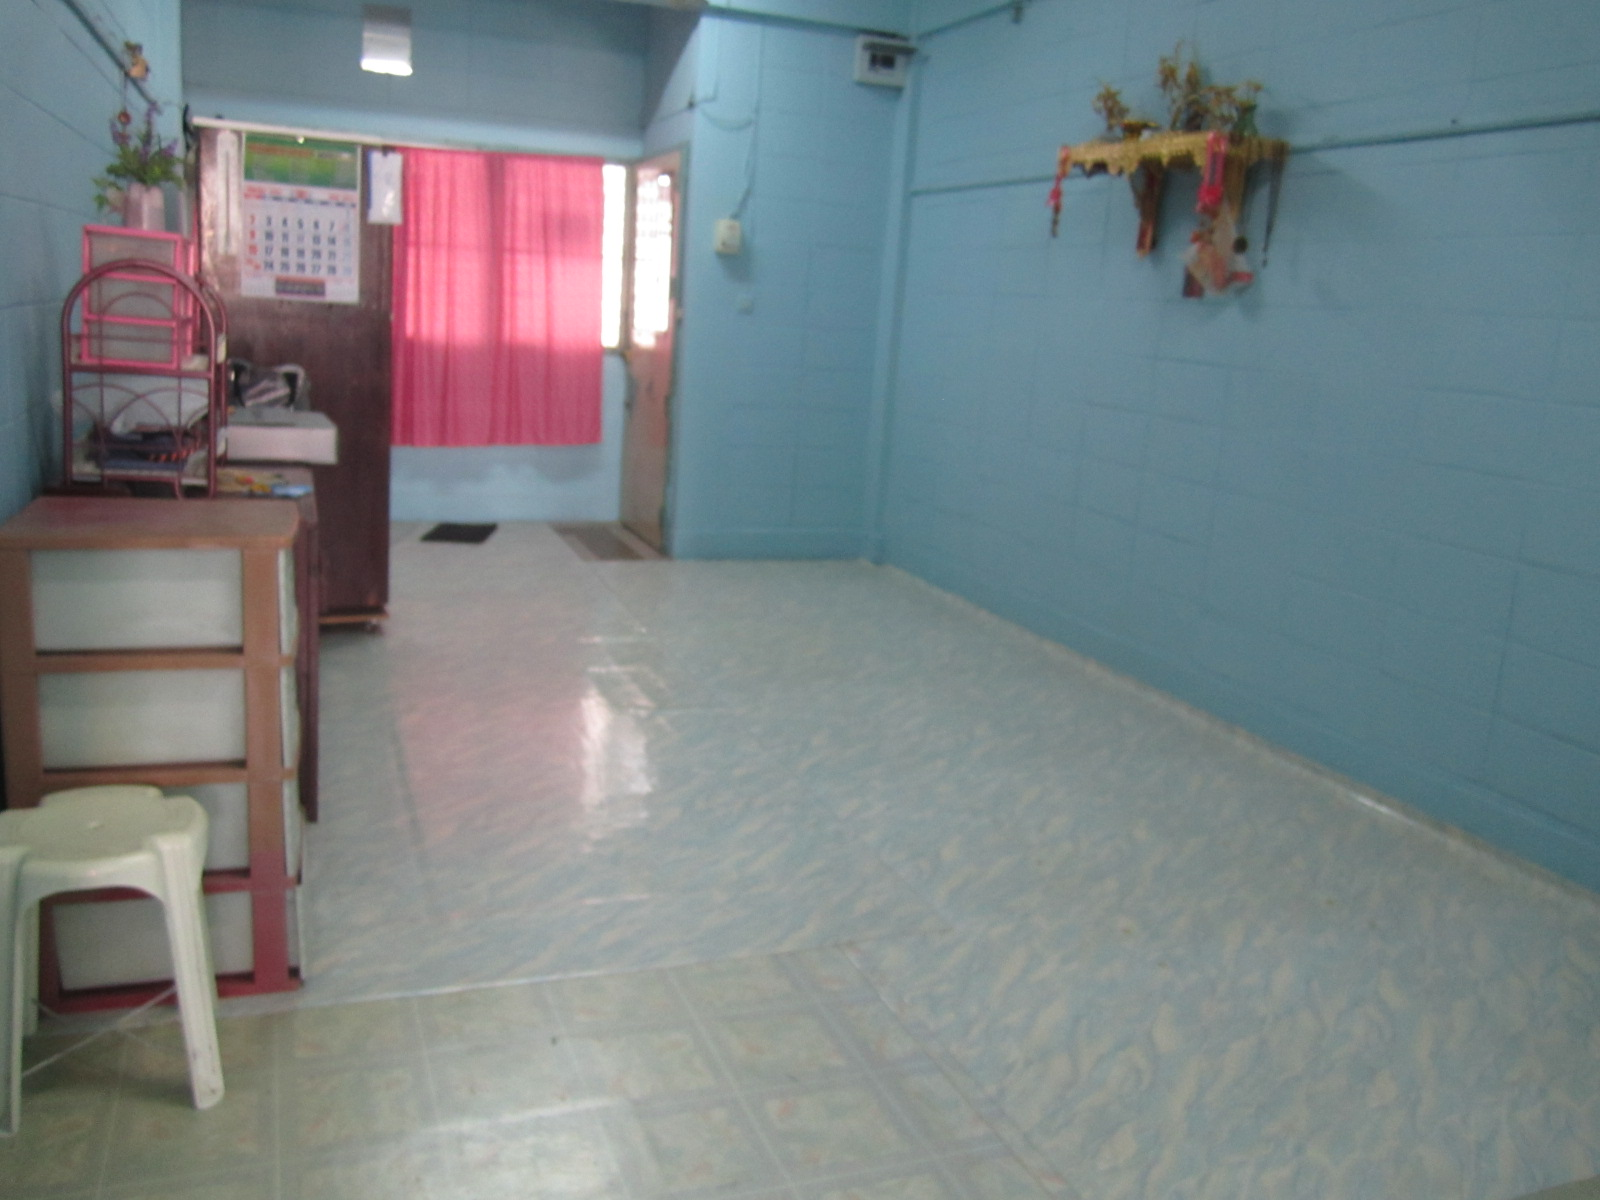 http://www.homeeasybuy.com/member_file/4541/IMG_0024.JPG